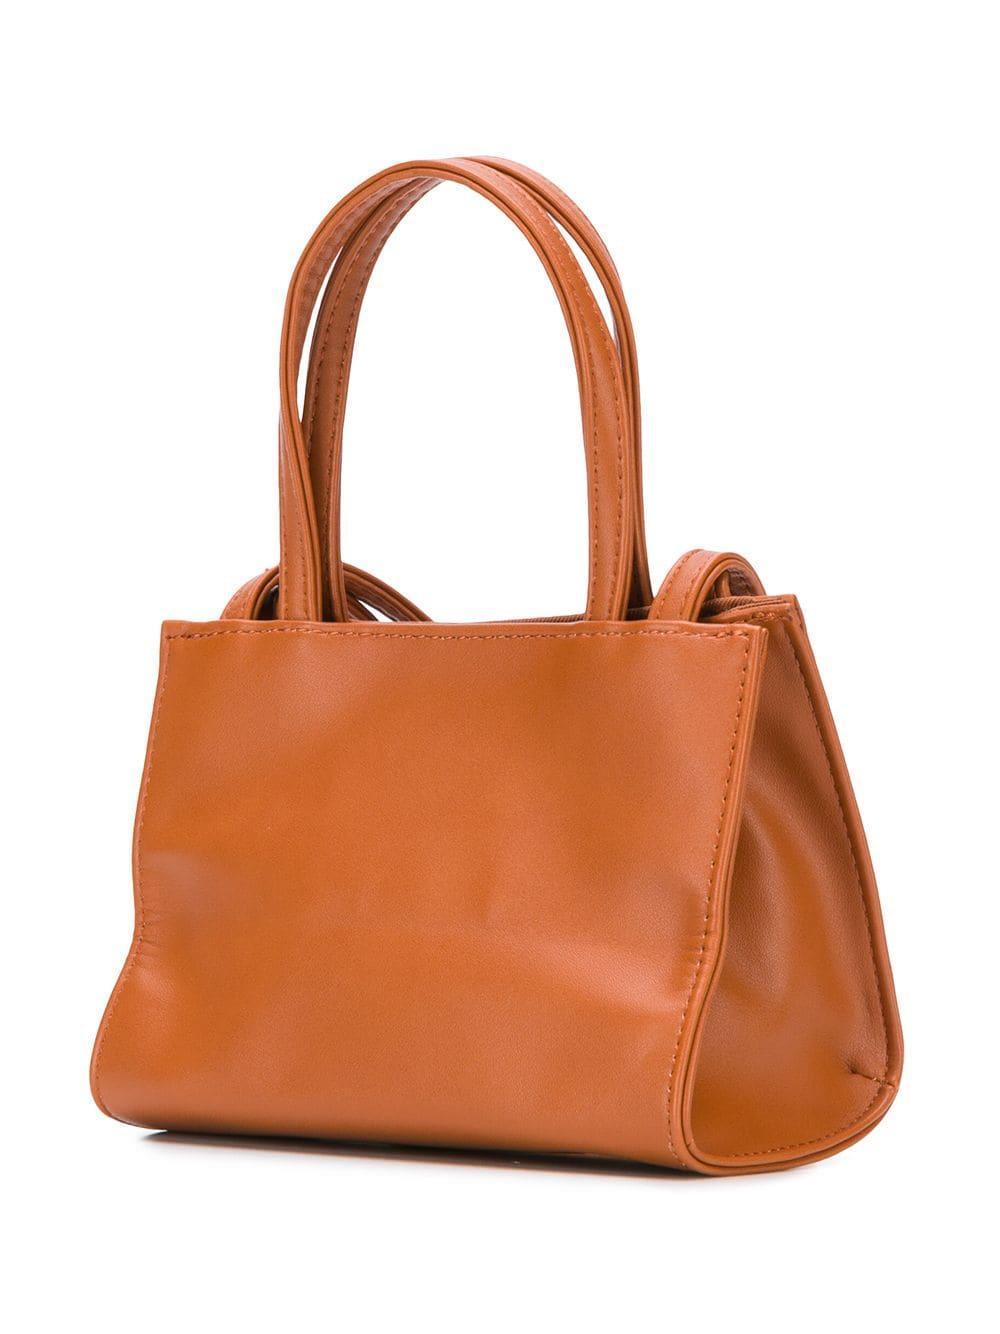 Telfar Mini Shopping Bag in Brown for Men - Lyst